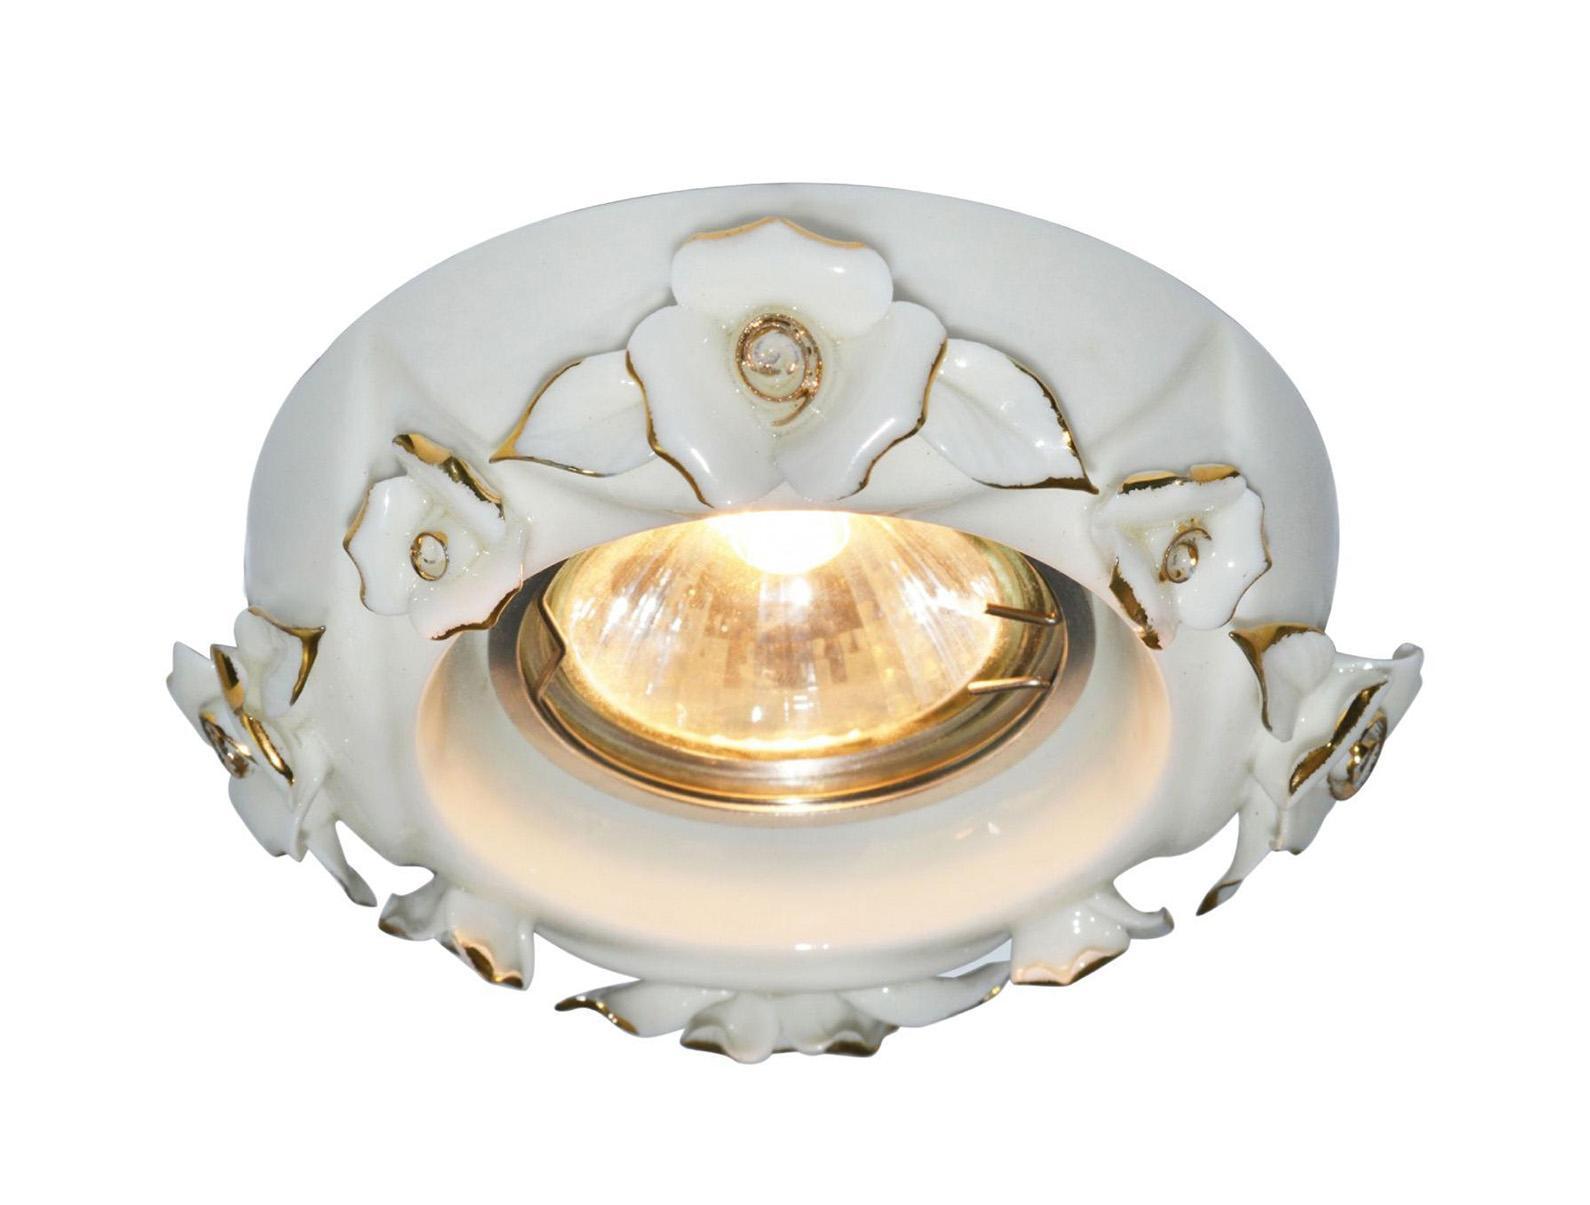 A5230PL-1WG FRAGILE Встраиваемый светильникA5230PL-1WG1x50W; патроны GU10 и G5,3 в комплекте Материал: Арматура: КерамикаРазмер: 120x120x50Цвет: Бело-золотой